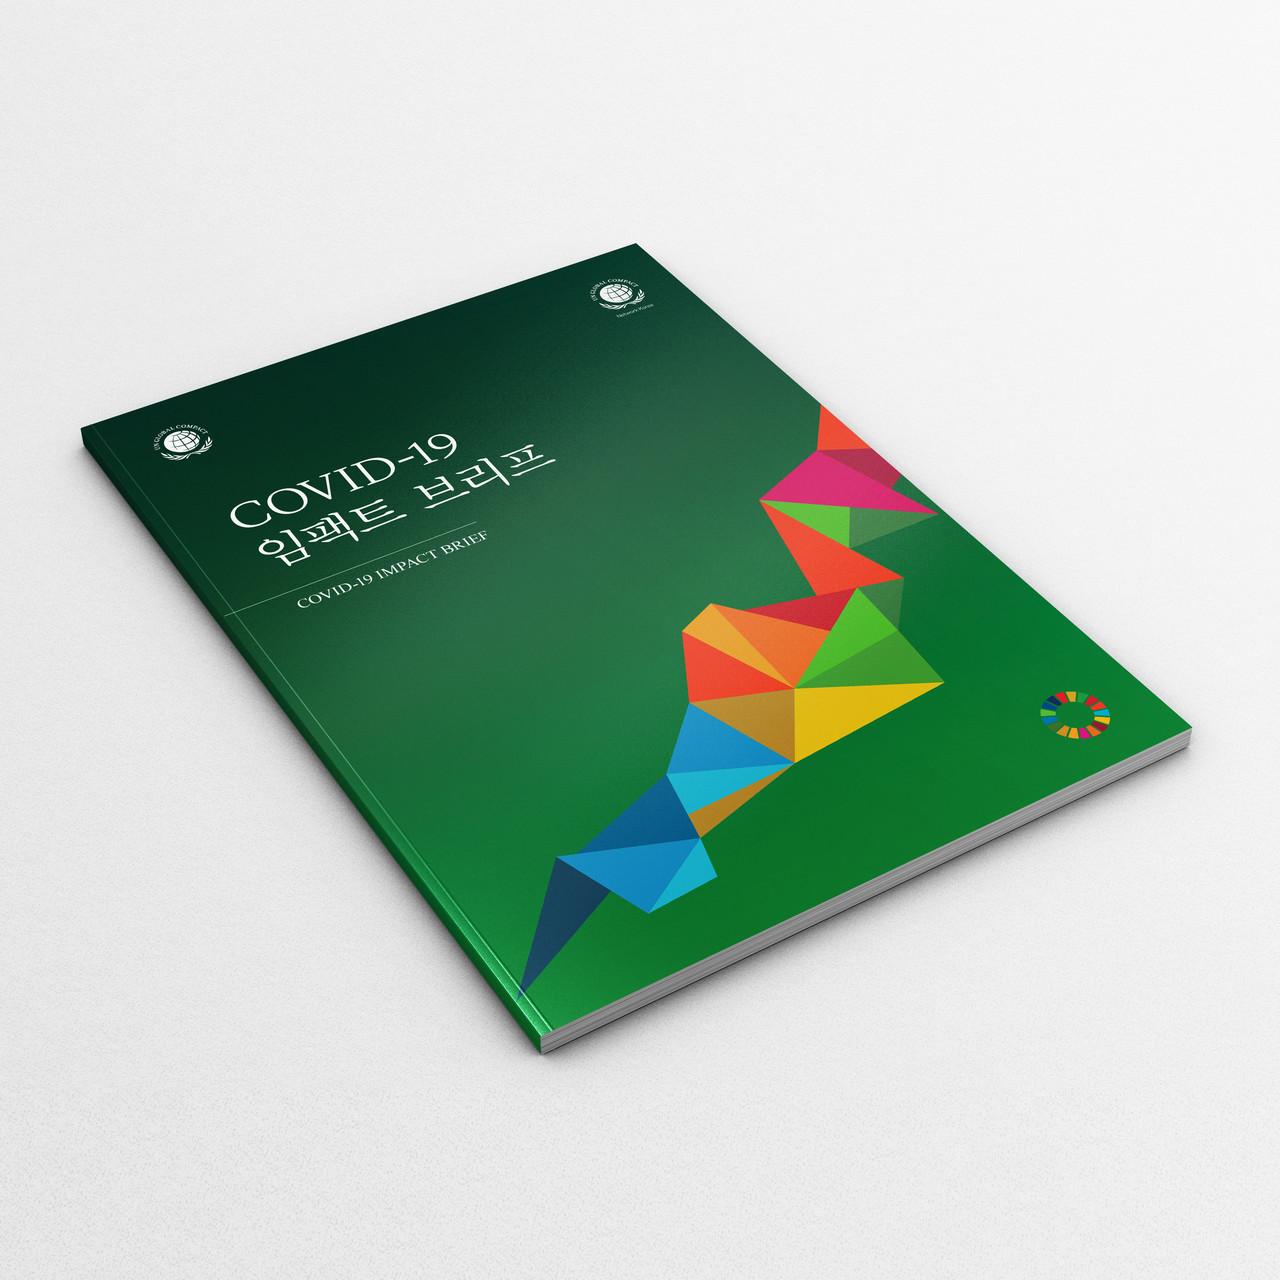 유엔글로벌 covid-19 임팩트 브리프 - 유엔글로벌콤팩트